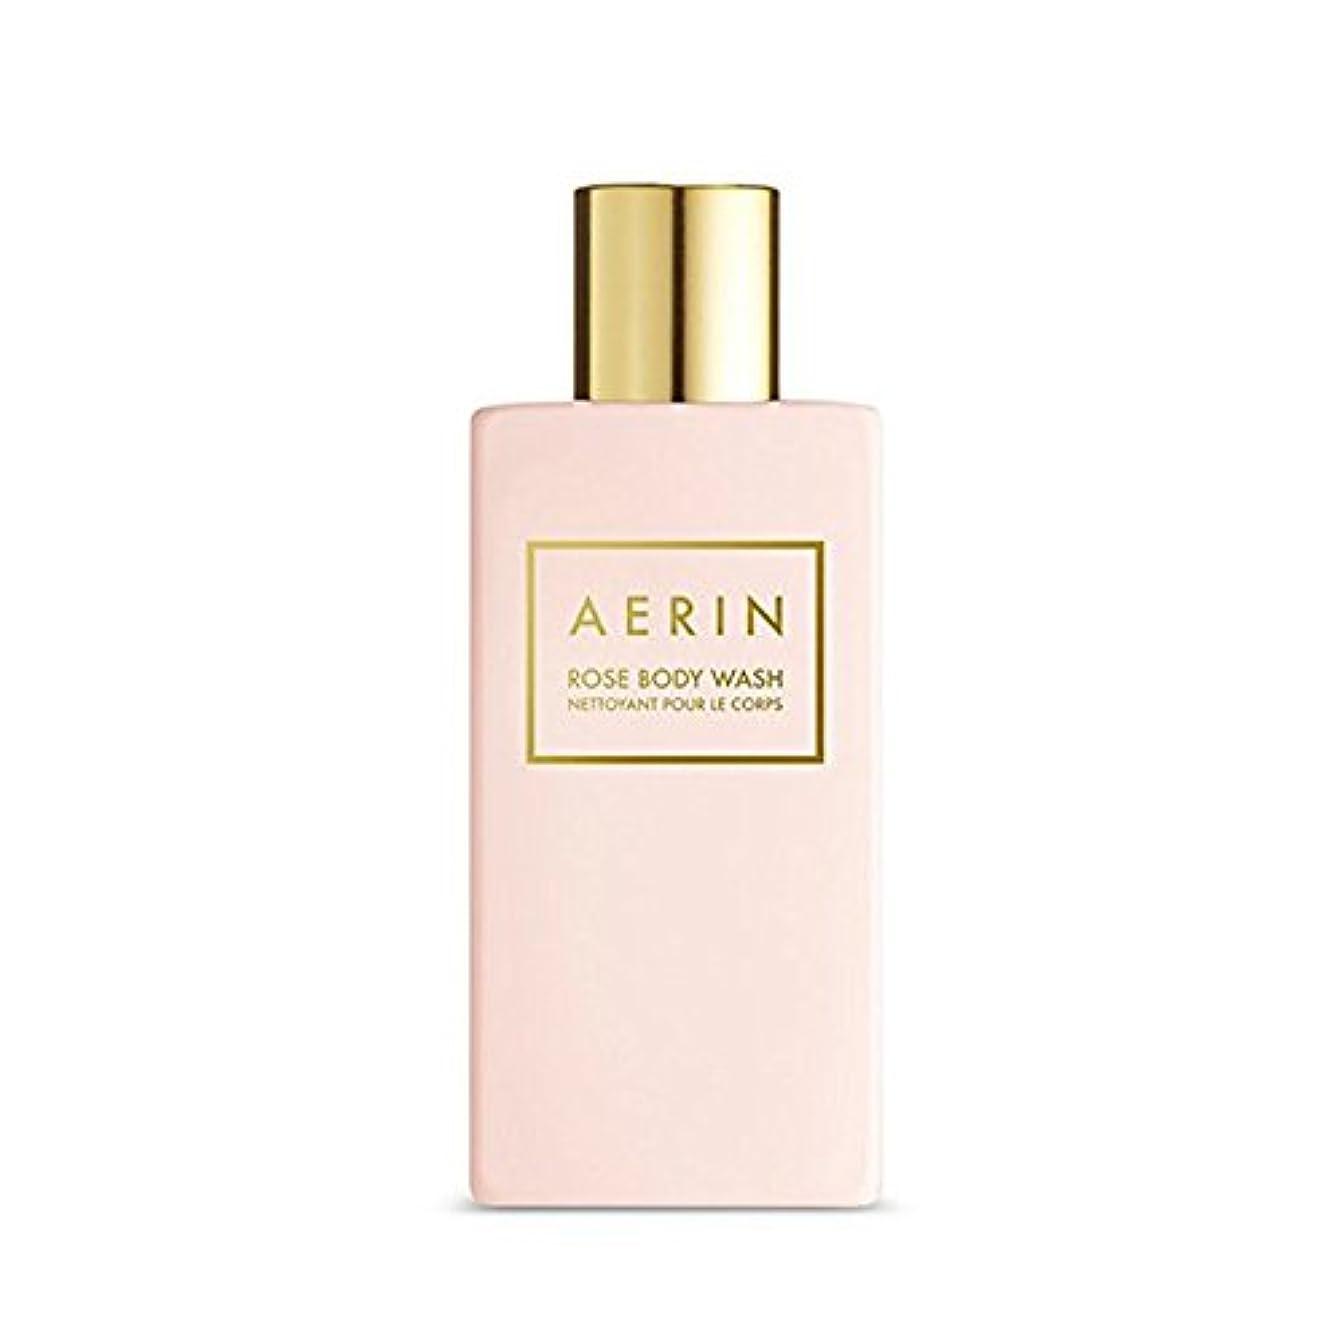 かき混ぜる結婚変化するAERIN Rose Body Wash(アエリン ローズ ボディー ウオッシュ) 7.6 oz (225ml) by Estee Lauder